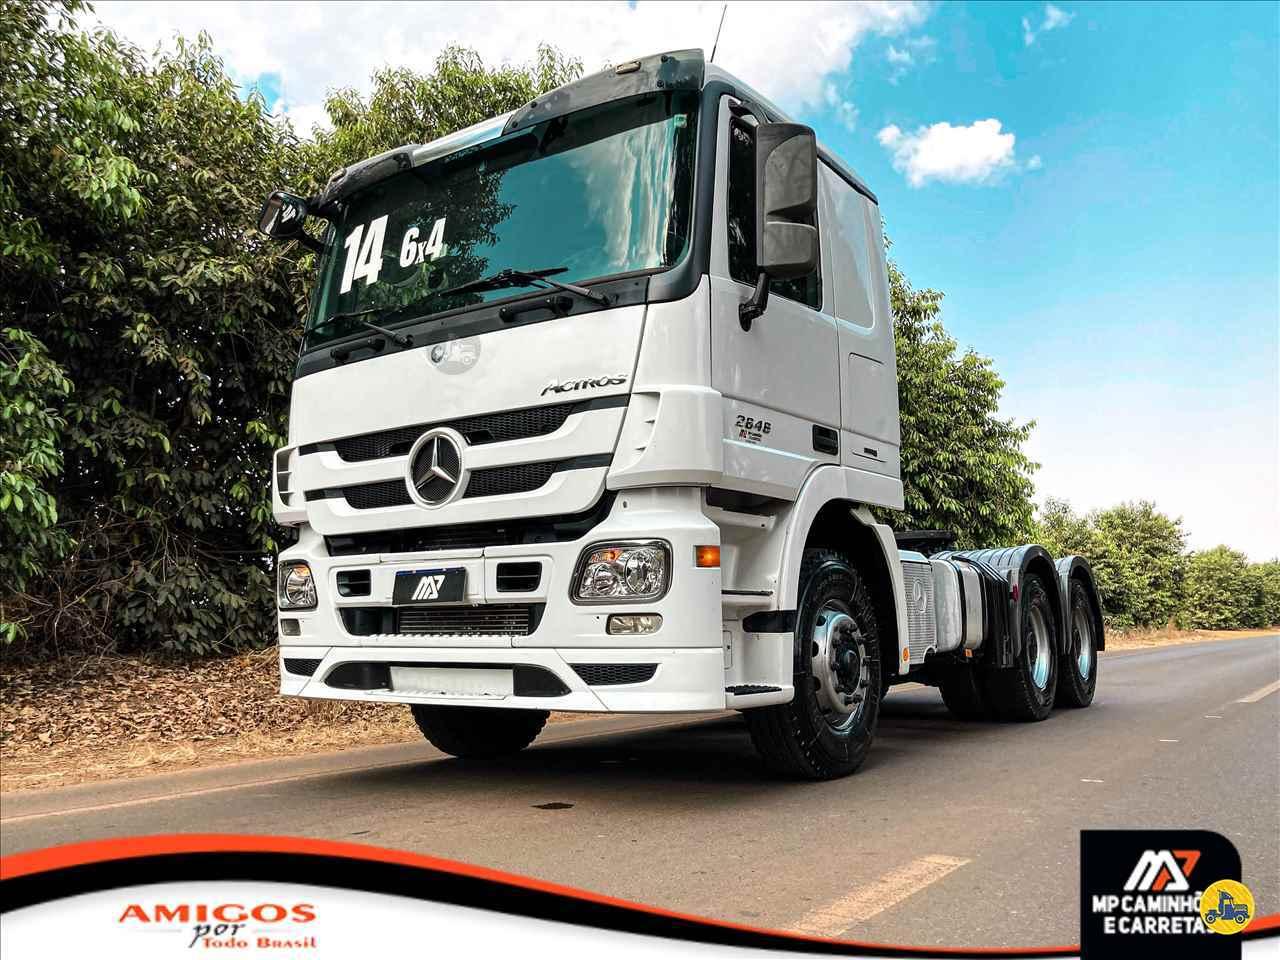 MB 2646 de MP Caminhões e Carretas - PATOS DE MINAS/MG